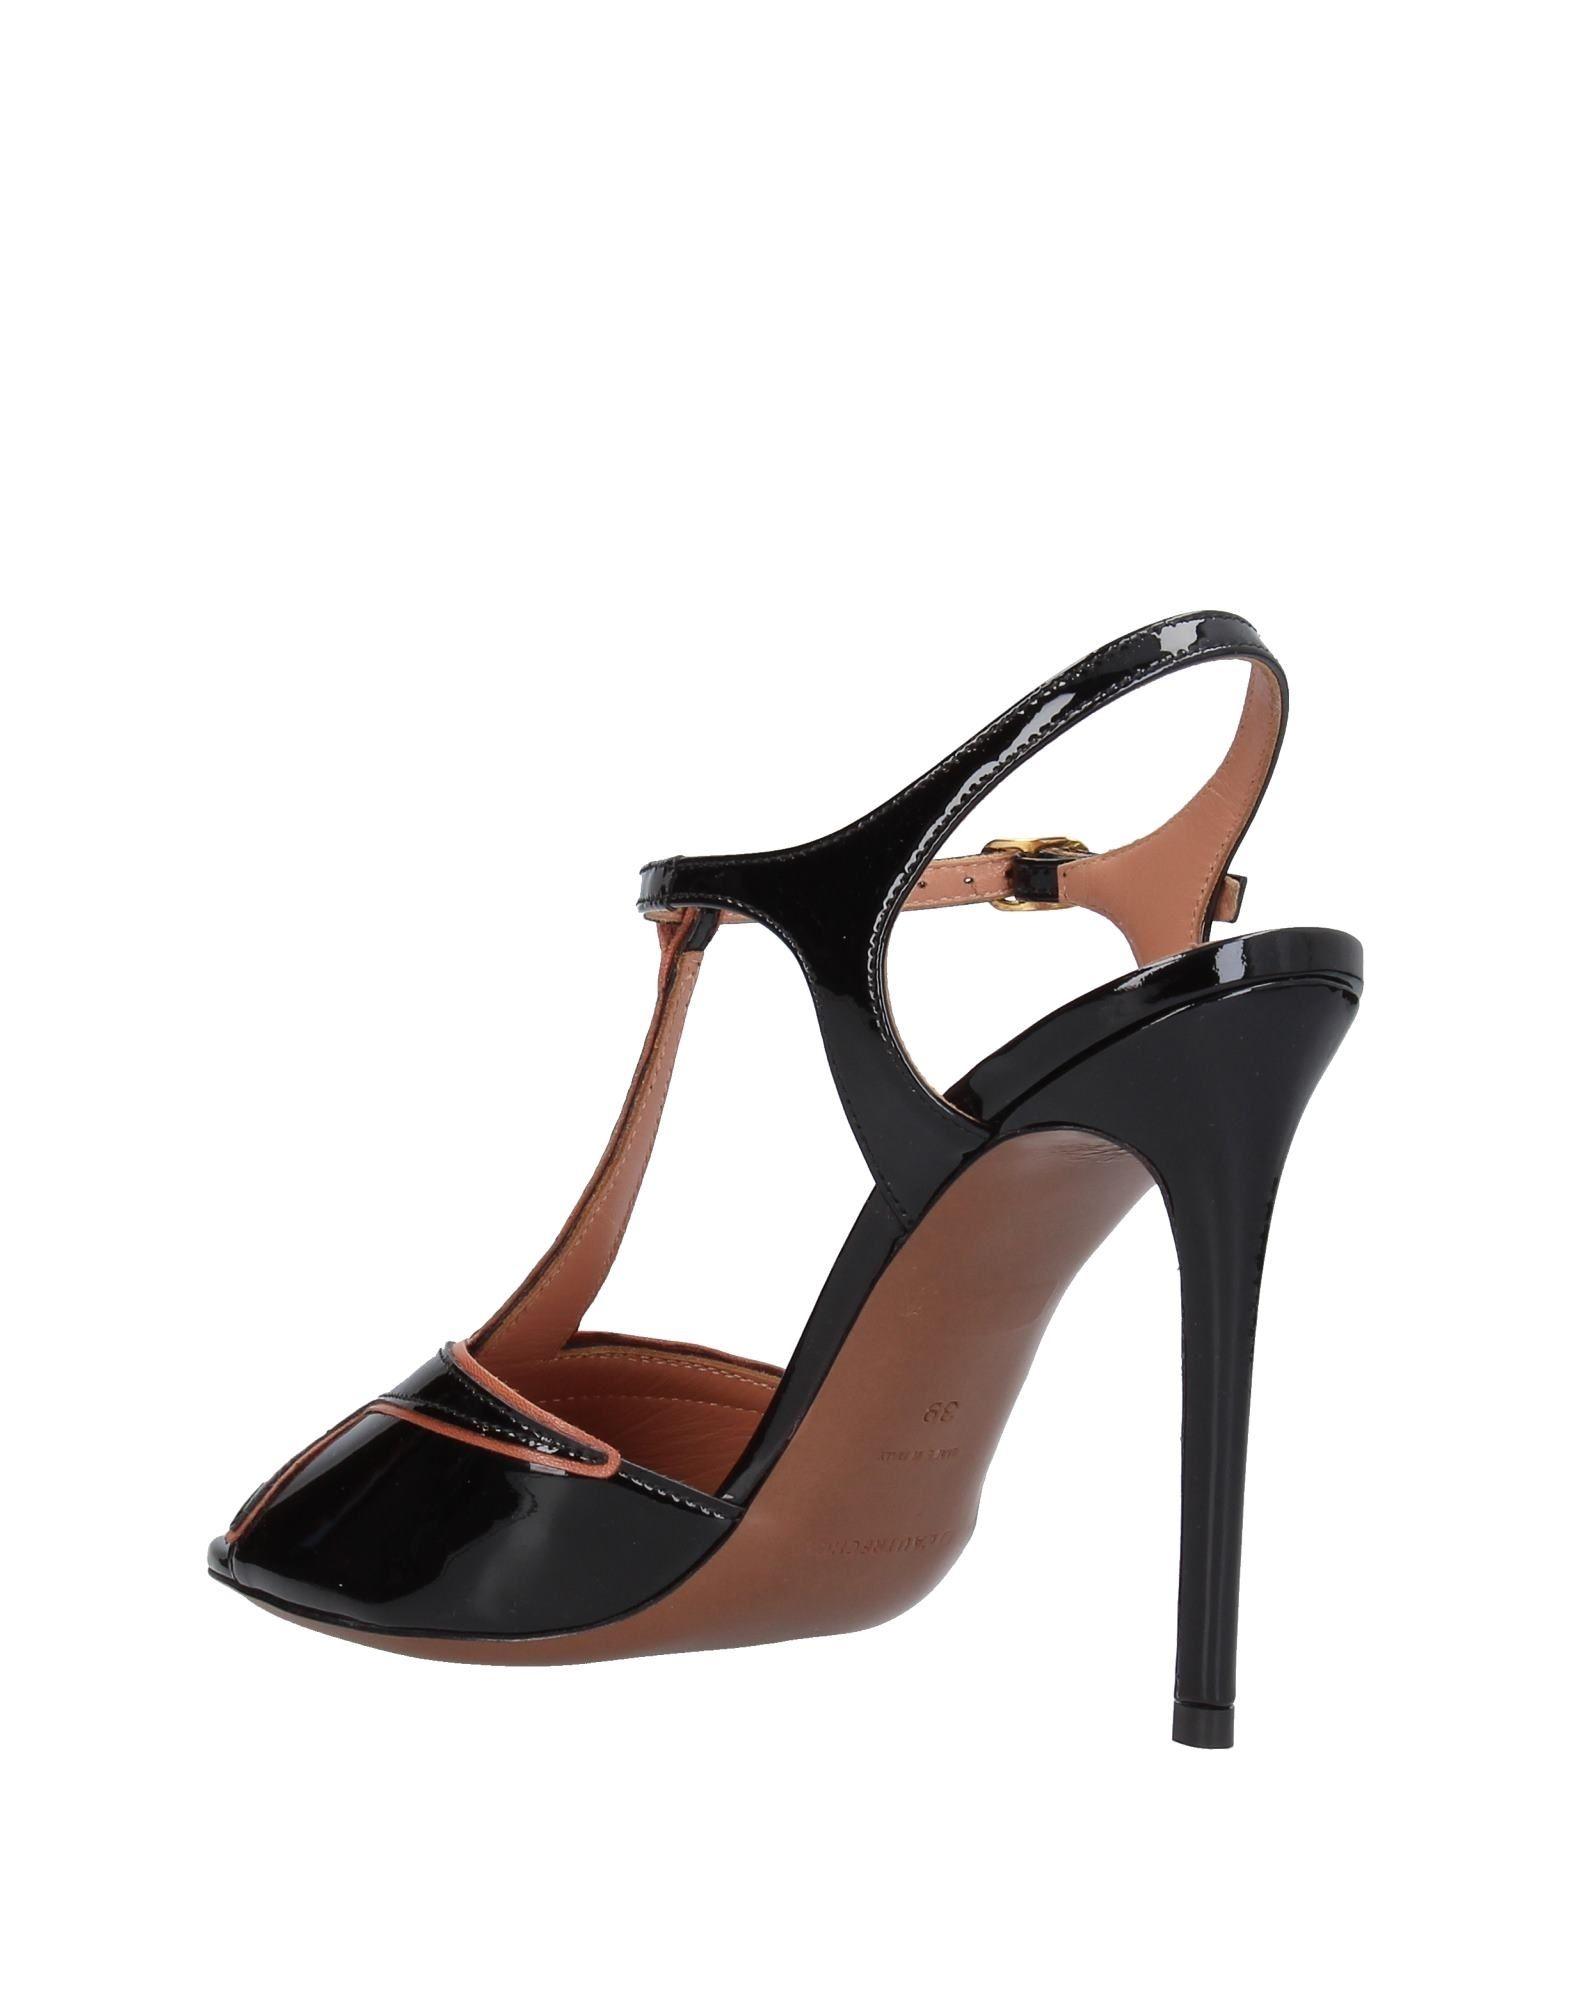 L' Autre Chose Sandalen Damen Damen Sandalen  11383887KA Neue Schuhe 09d4e7